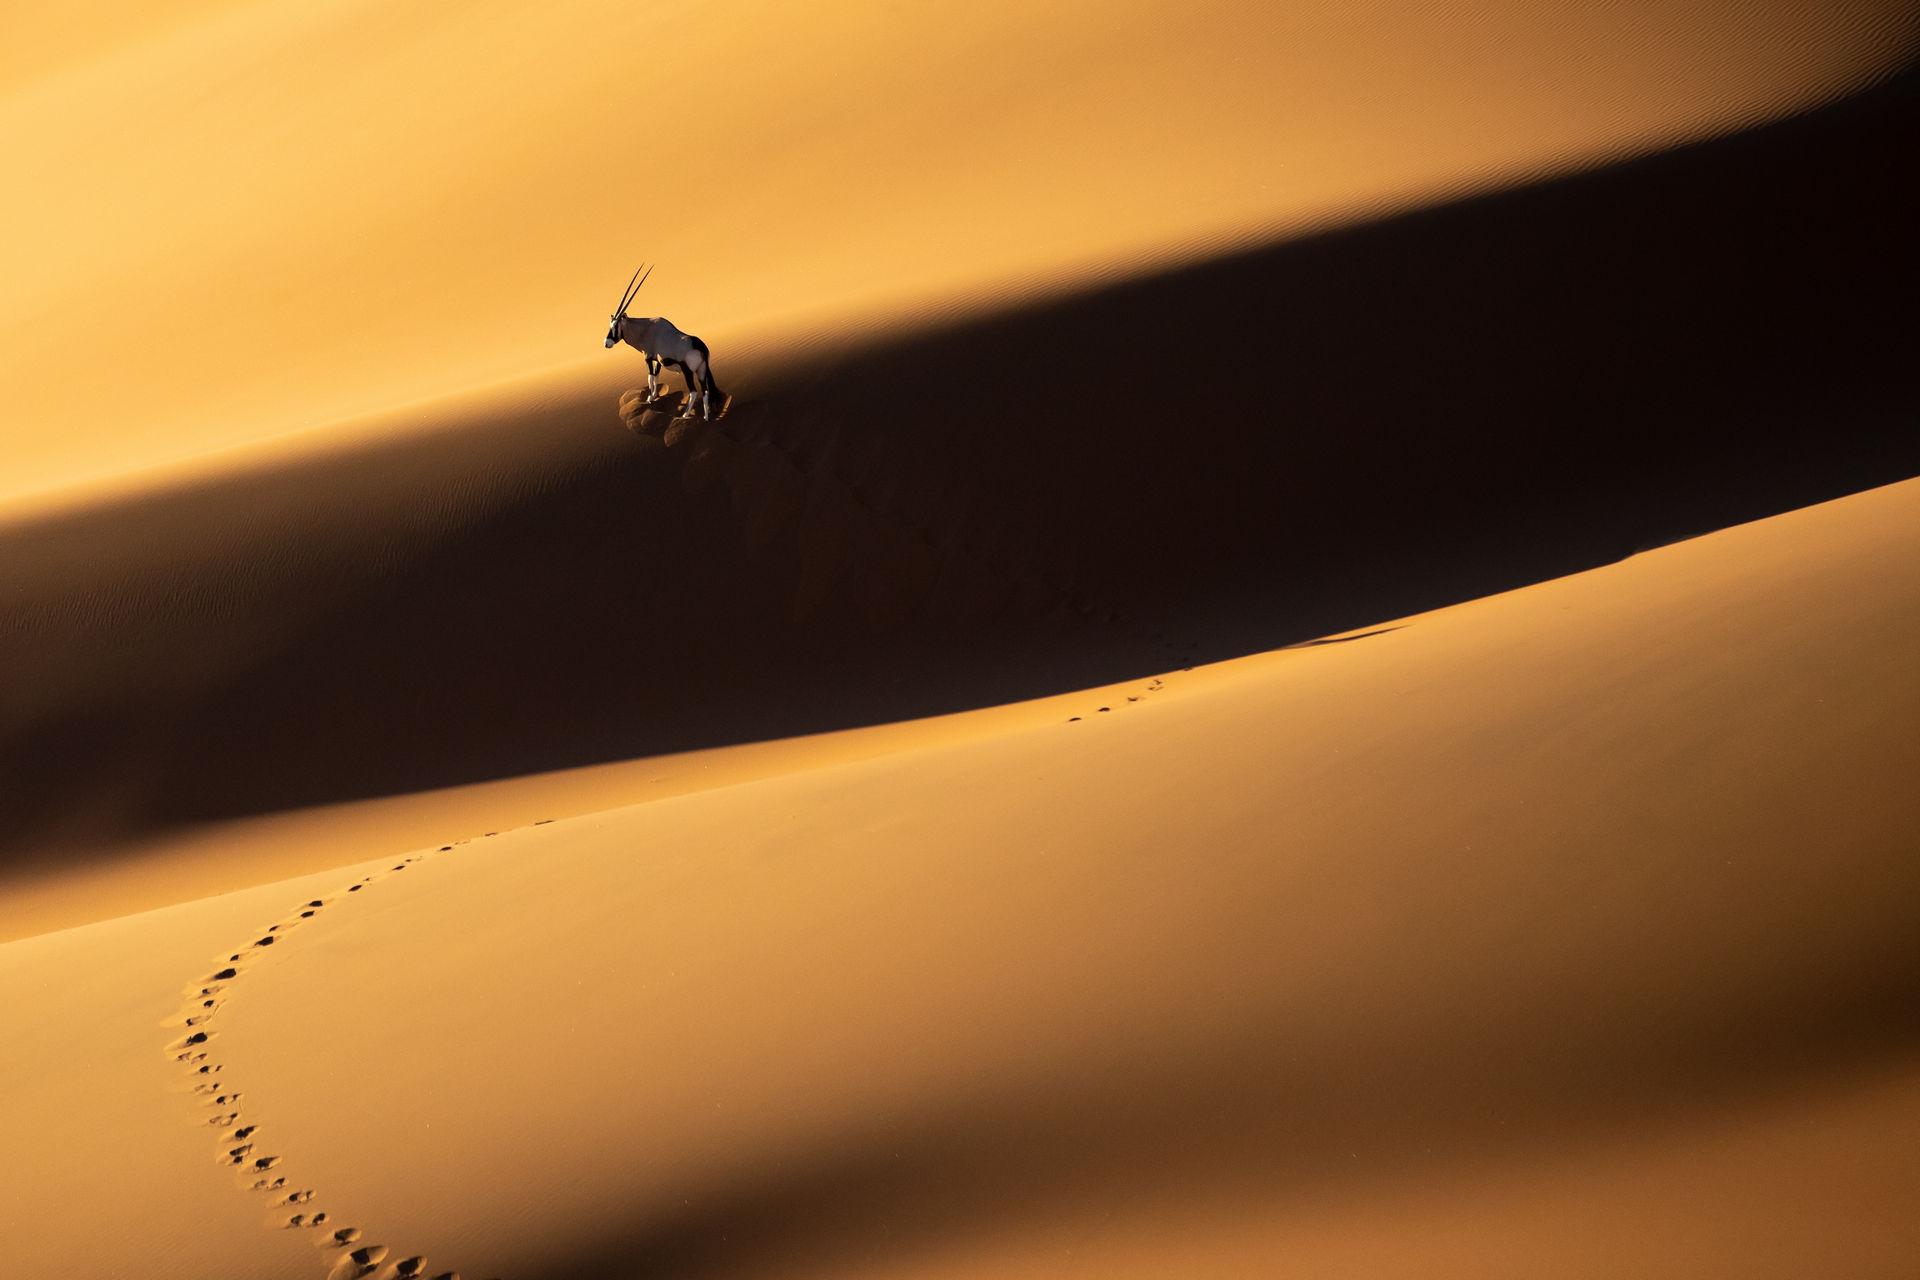 Намибия – это любовь